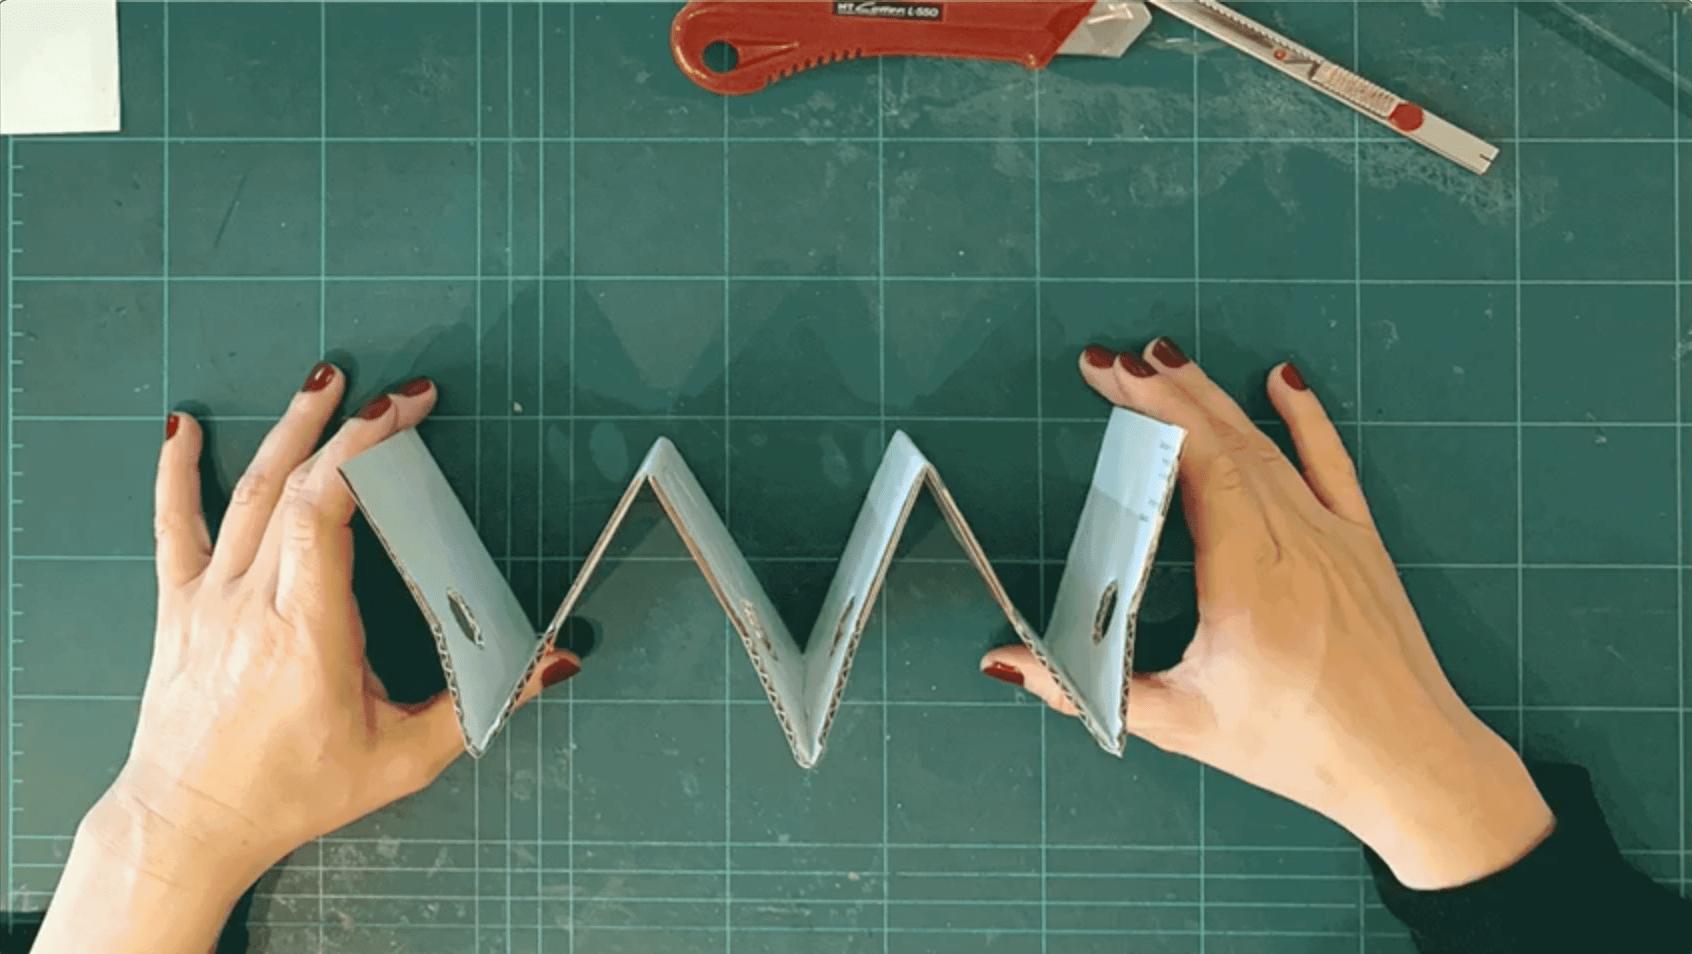 El Protector de manillas DIY que evita contagios que puedes construir gratis 65